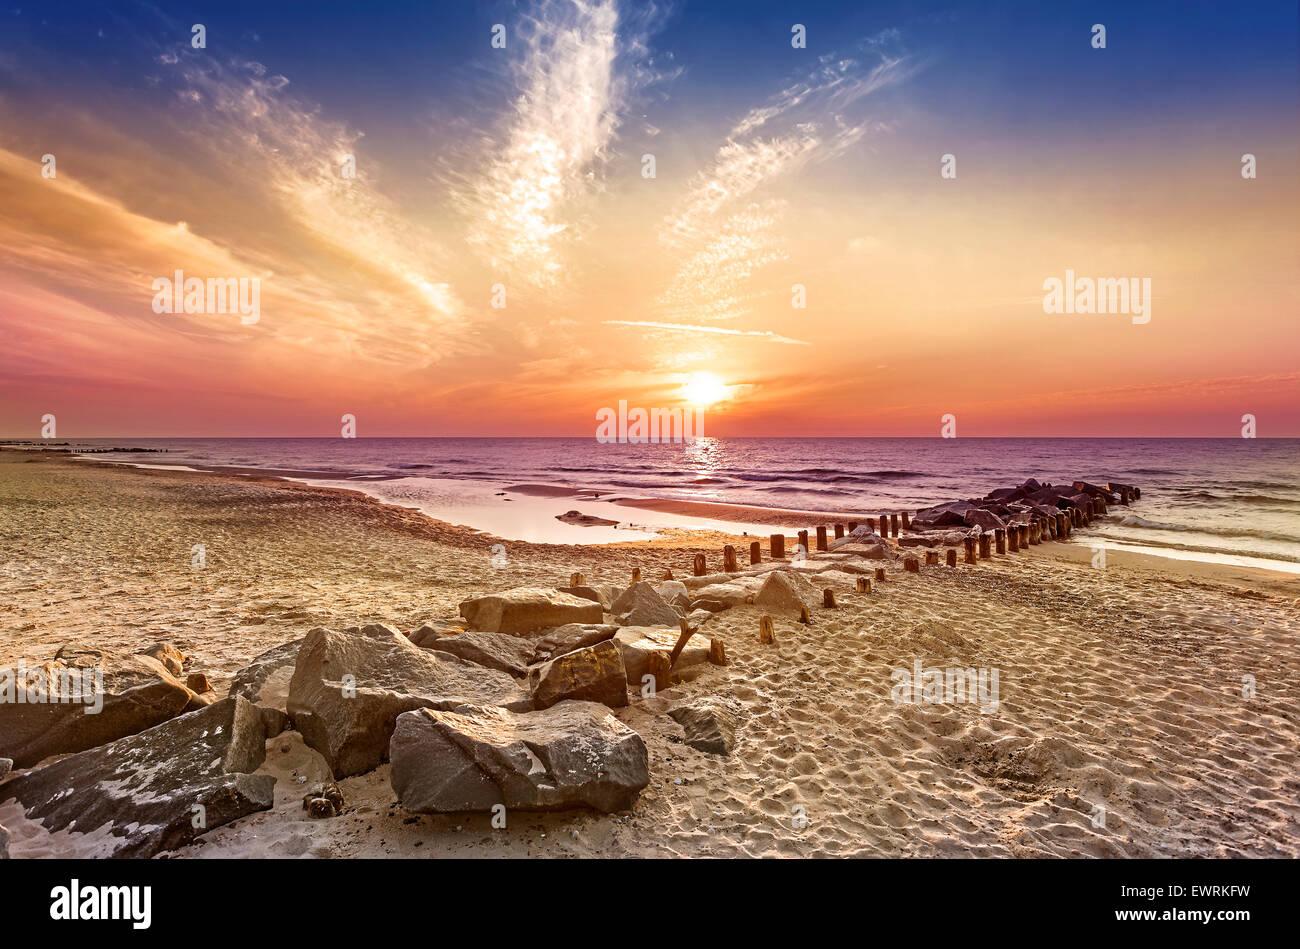 Magico tramonto sul Mar Baltico, Miedzyzdroje in Polonia. Foto Stock